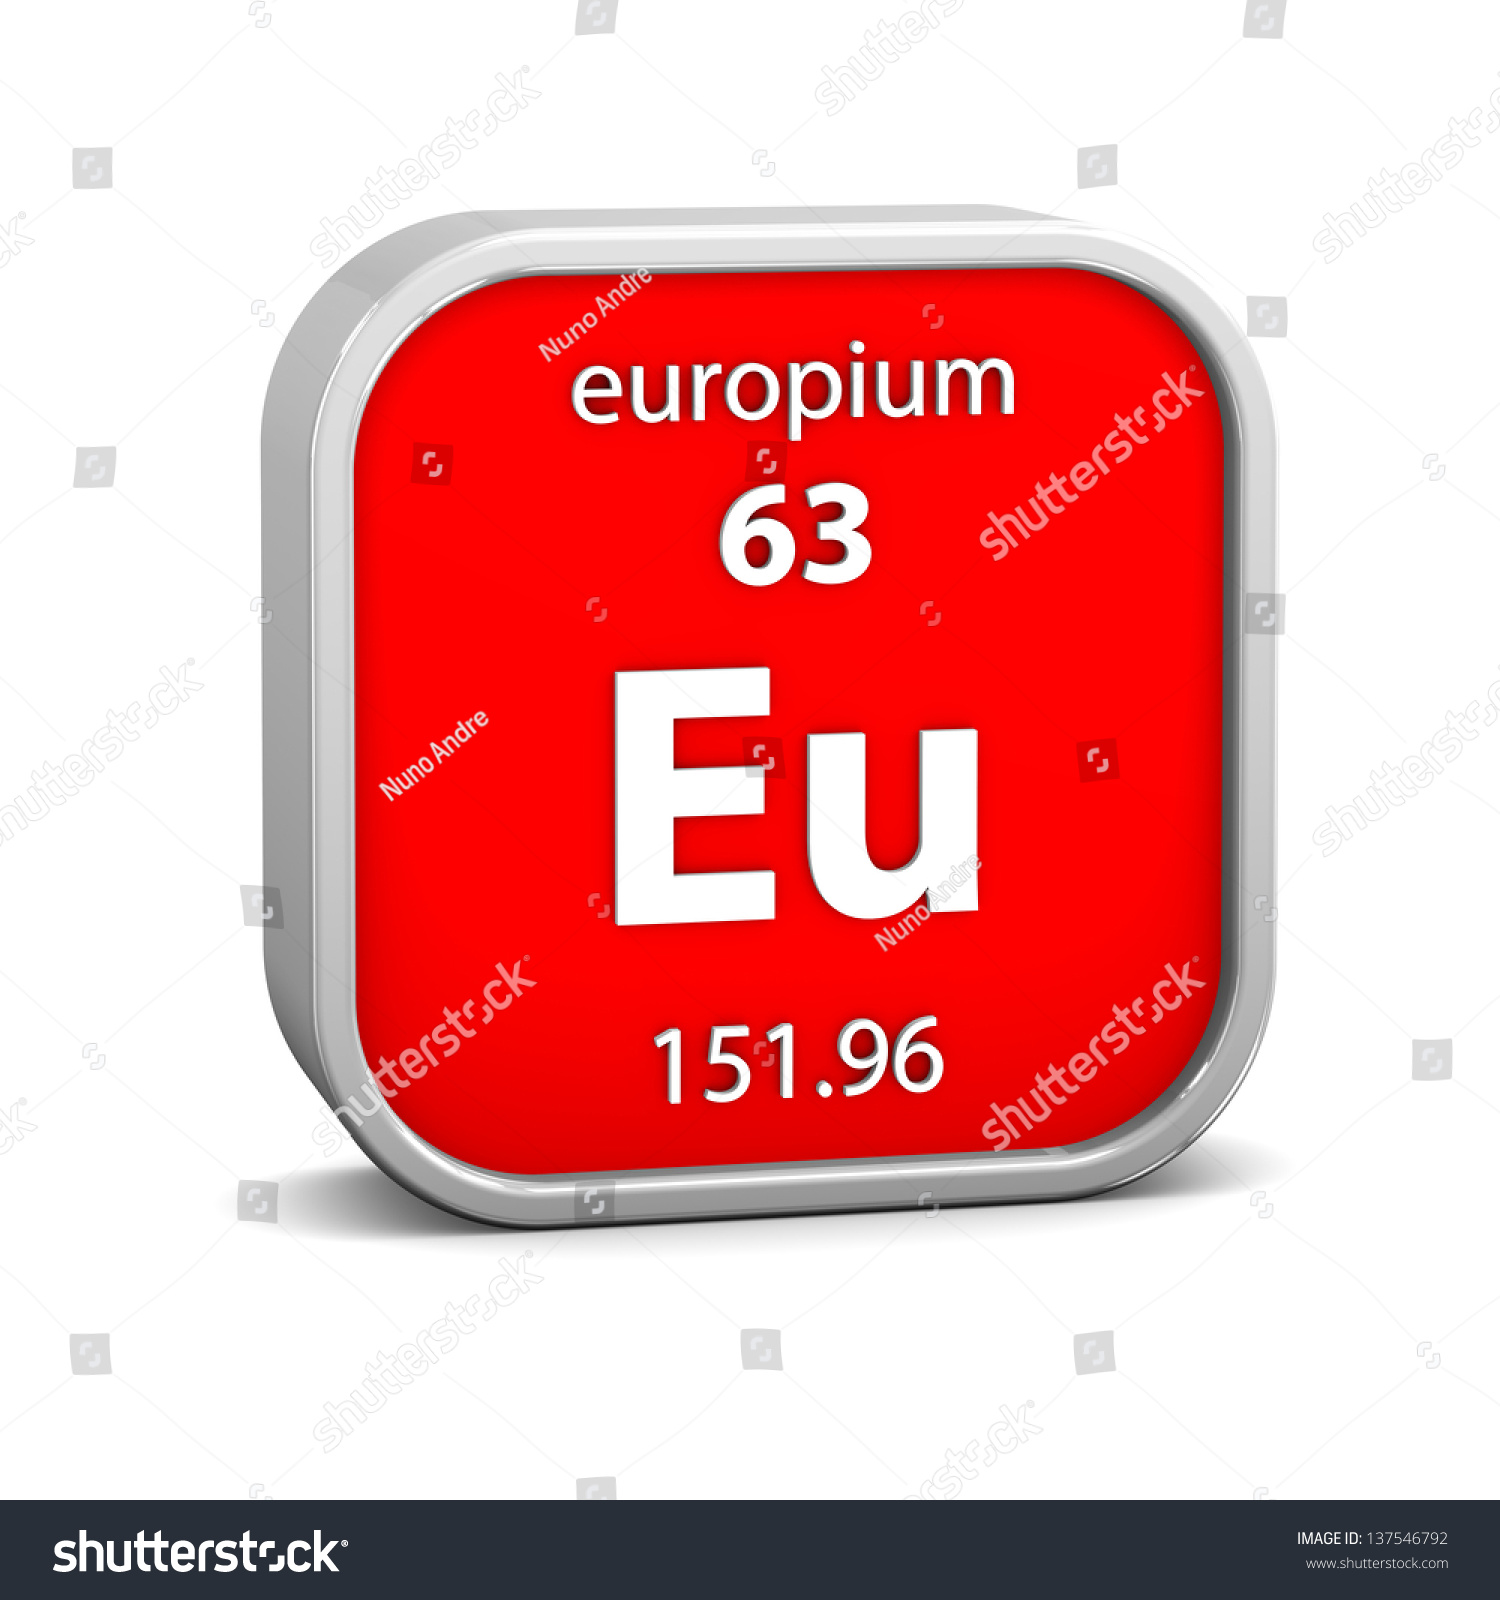 Europium Material On Periodic Table Part Stock Illustration